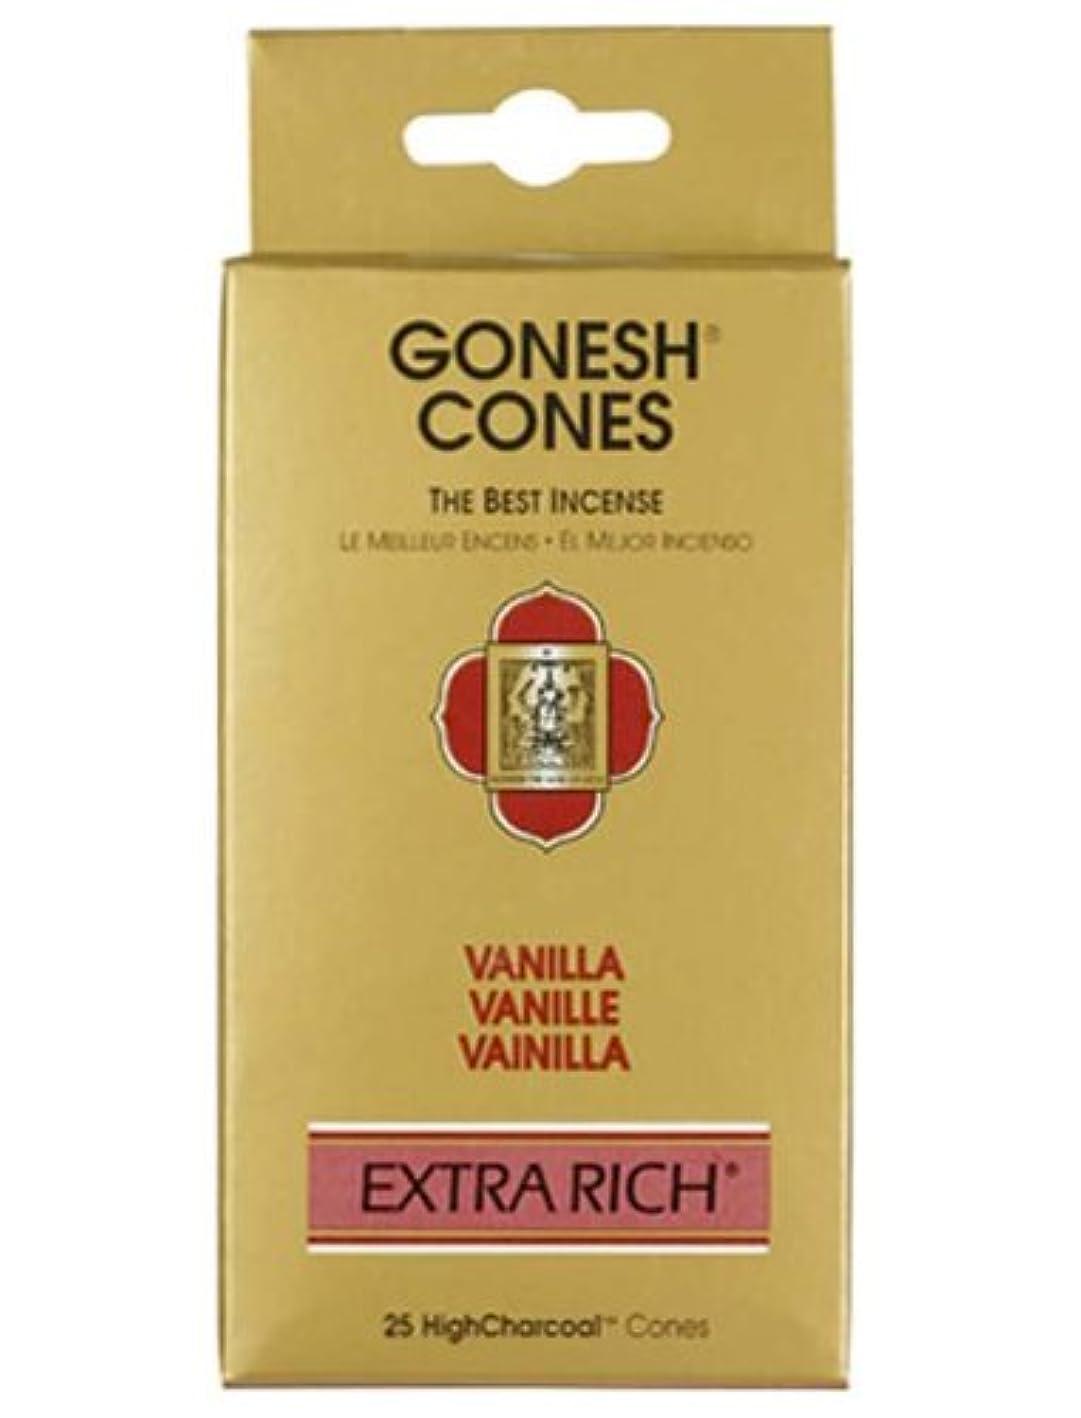 スコットランド人宿命テレビガーネッシュ(GONESH) エクストラリッチ インセンス コーン バニラ 25個入(お香)